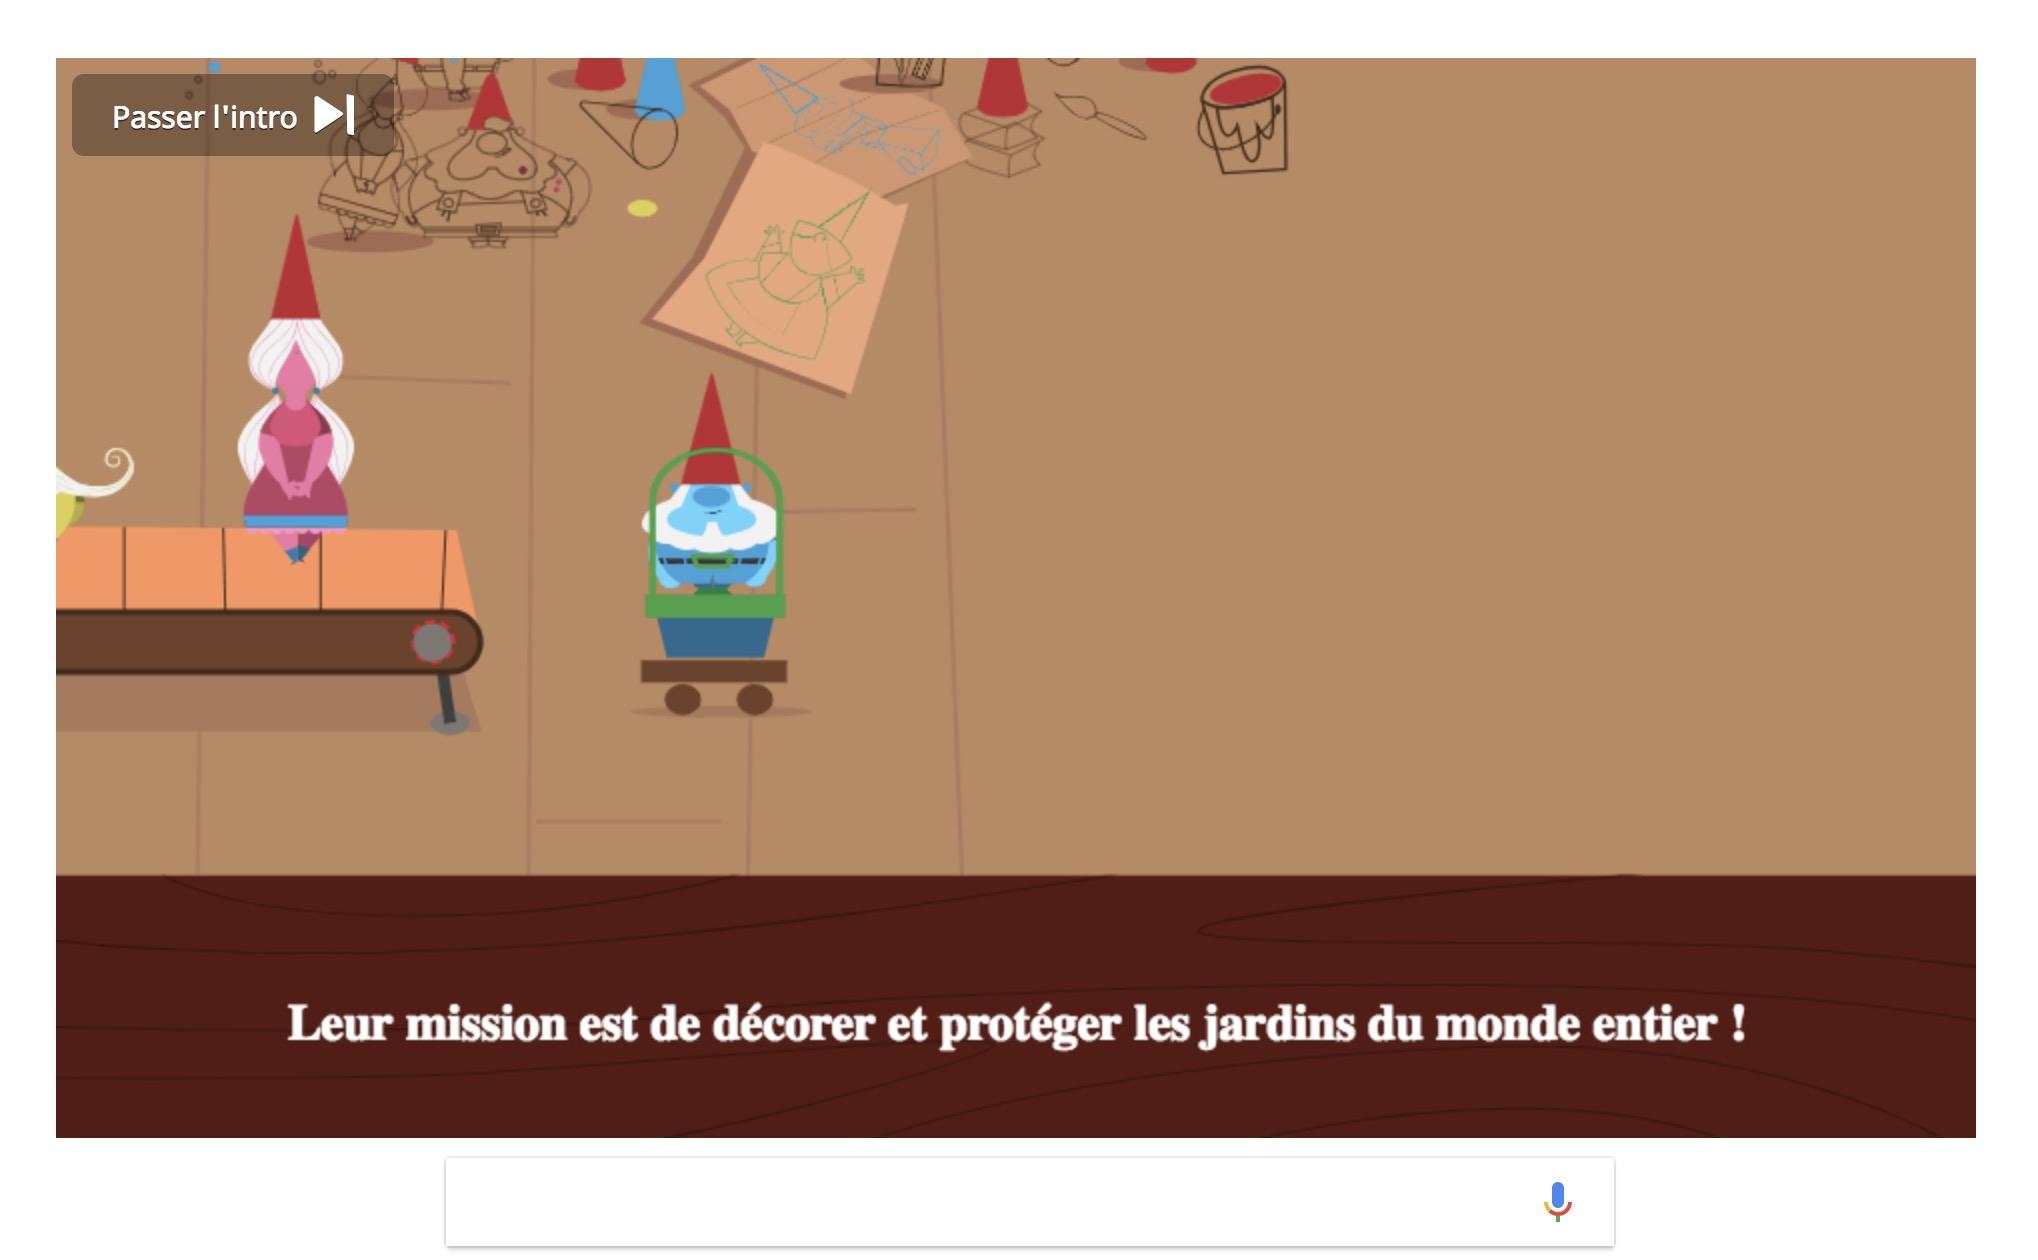 L'histoire Du Nain De Jardin En Addictif Doodle Interactif dedans L'histoire Du Nain De Jardin